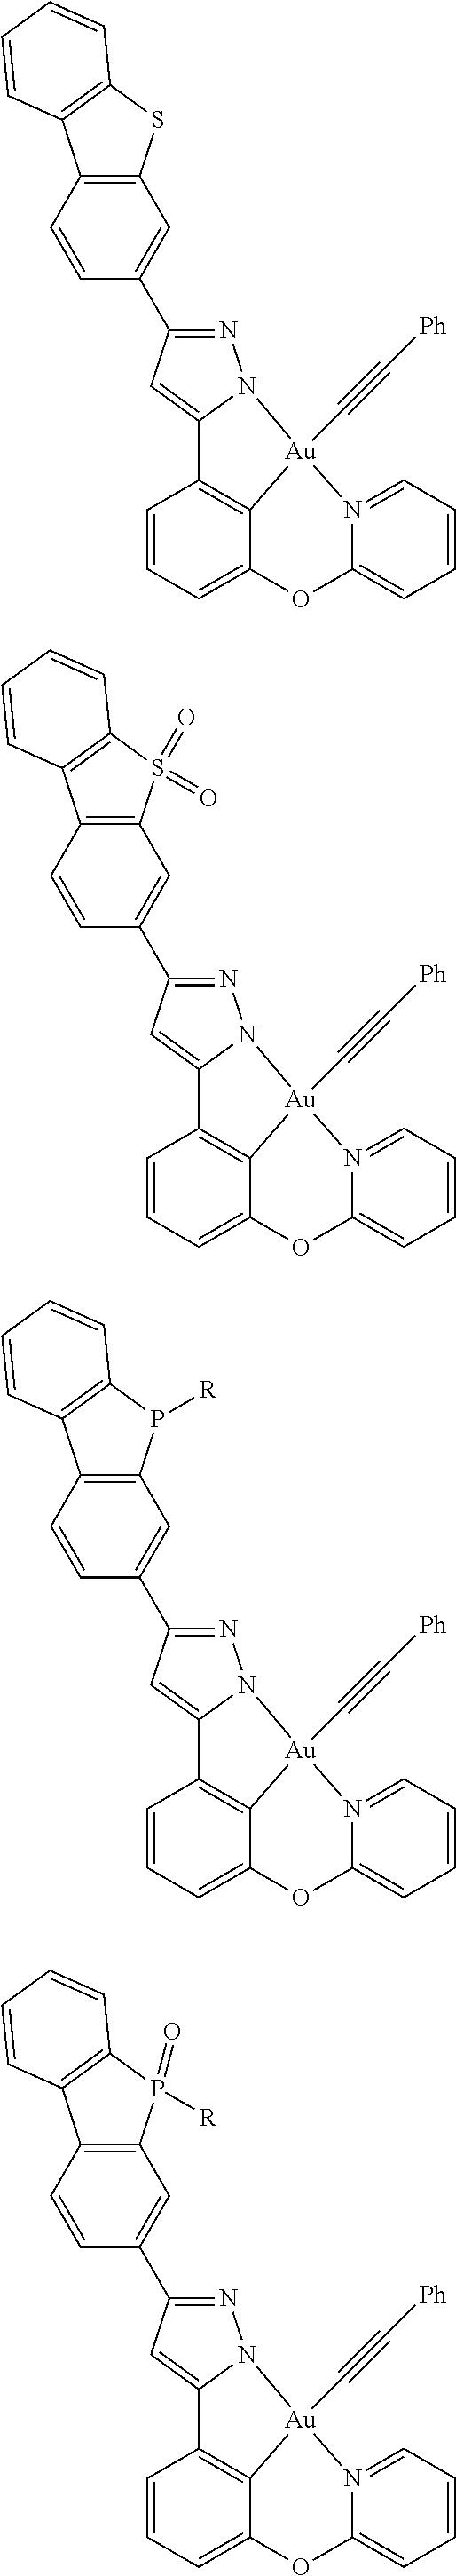 Figure US09818959-20171114-C00548